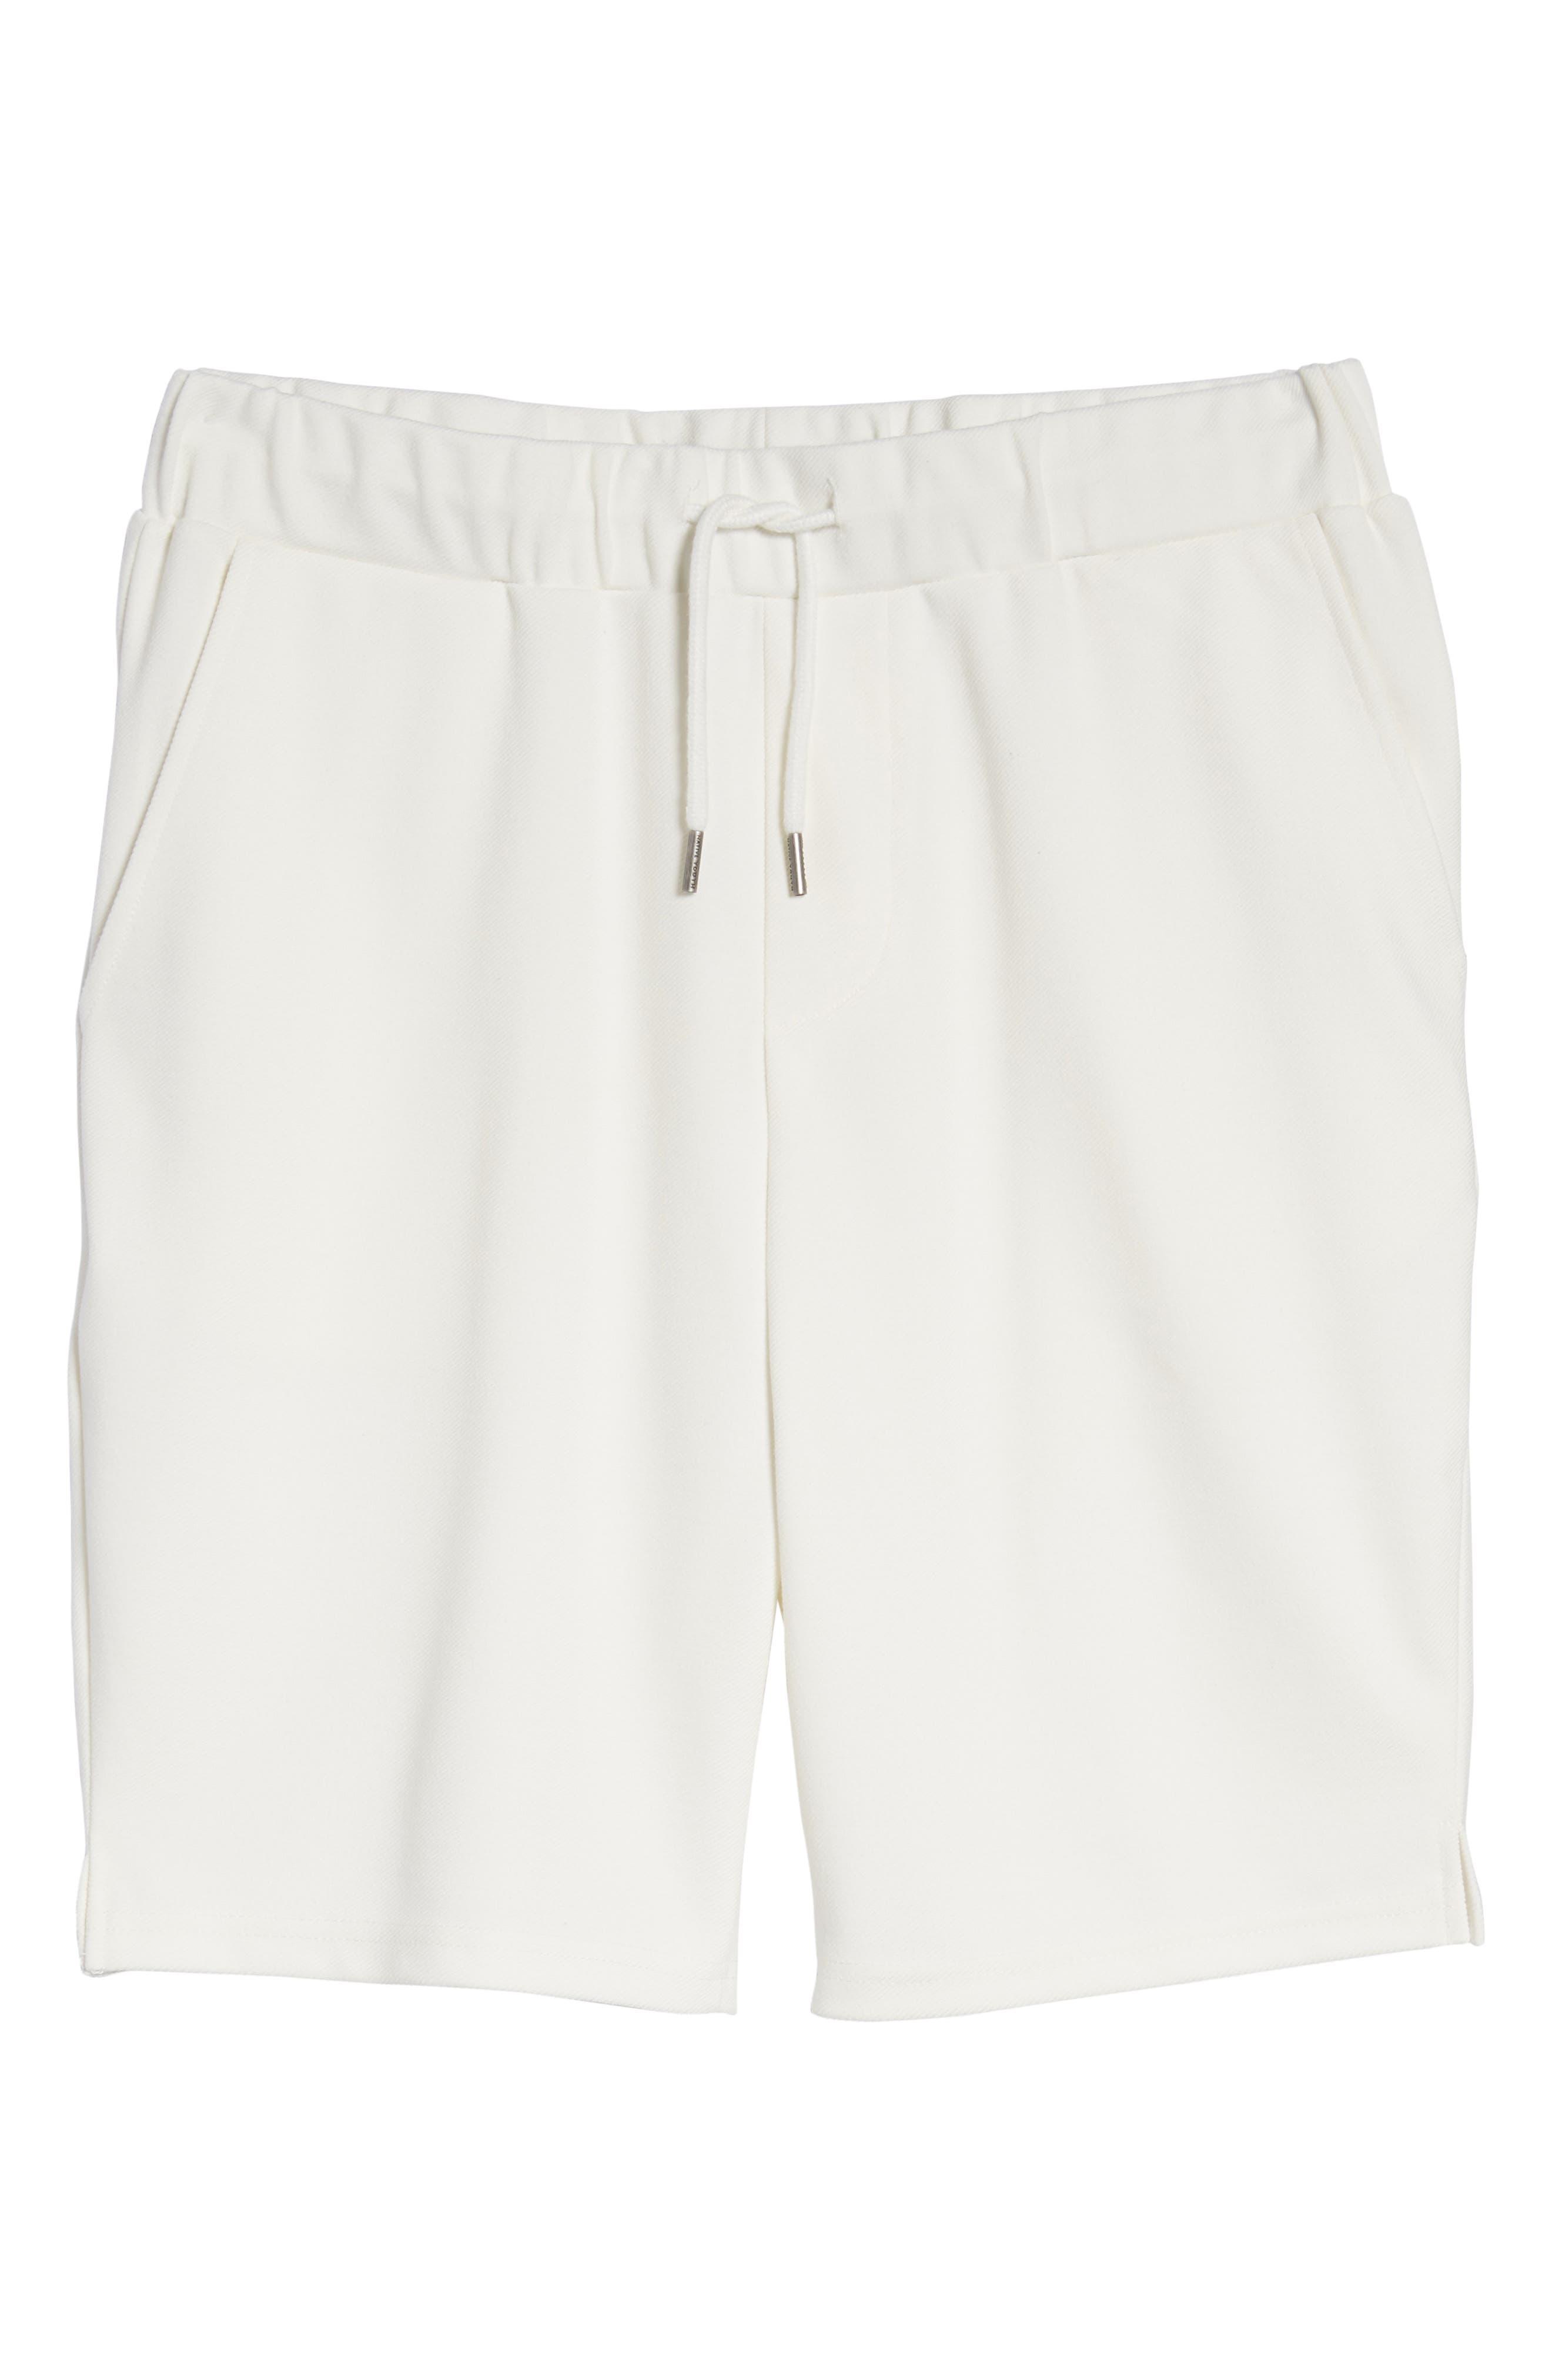 Storm Shorts,                             Alternate thumbnail 6, color,                             White